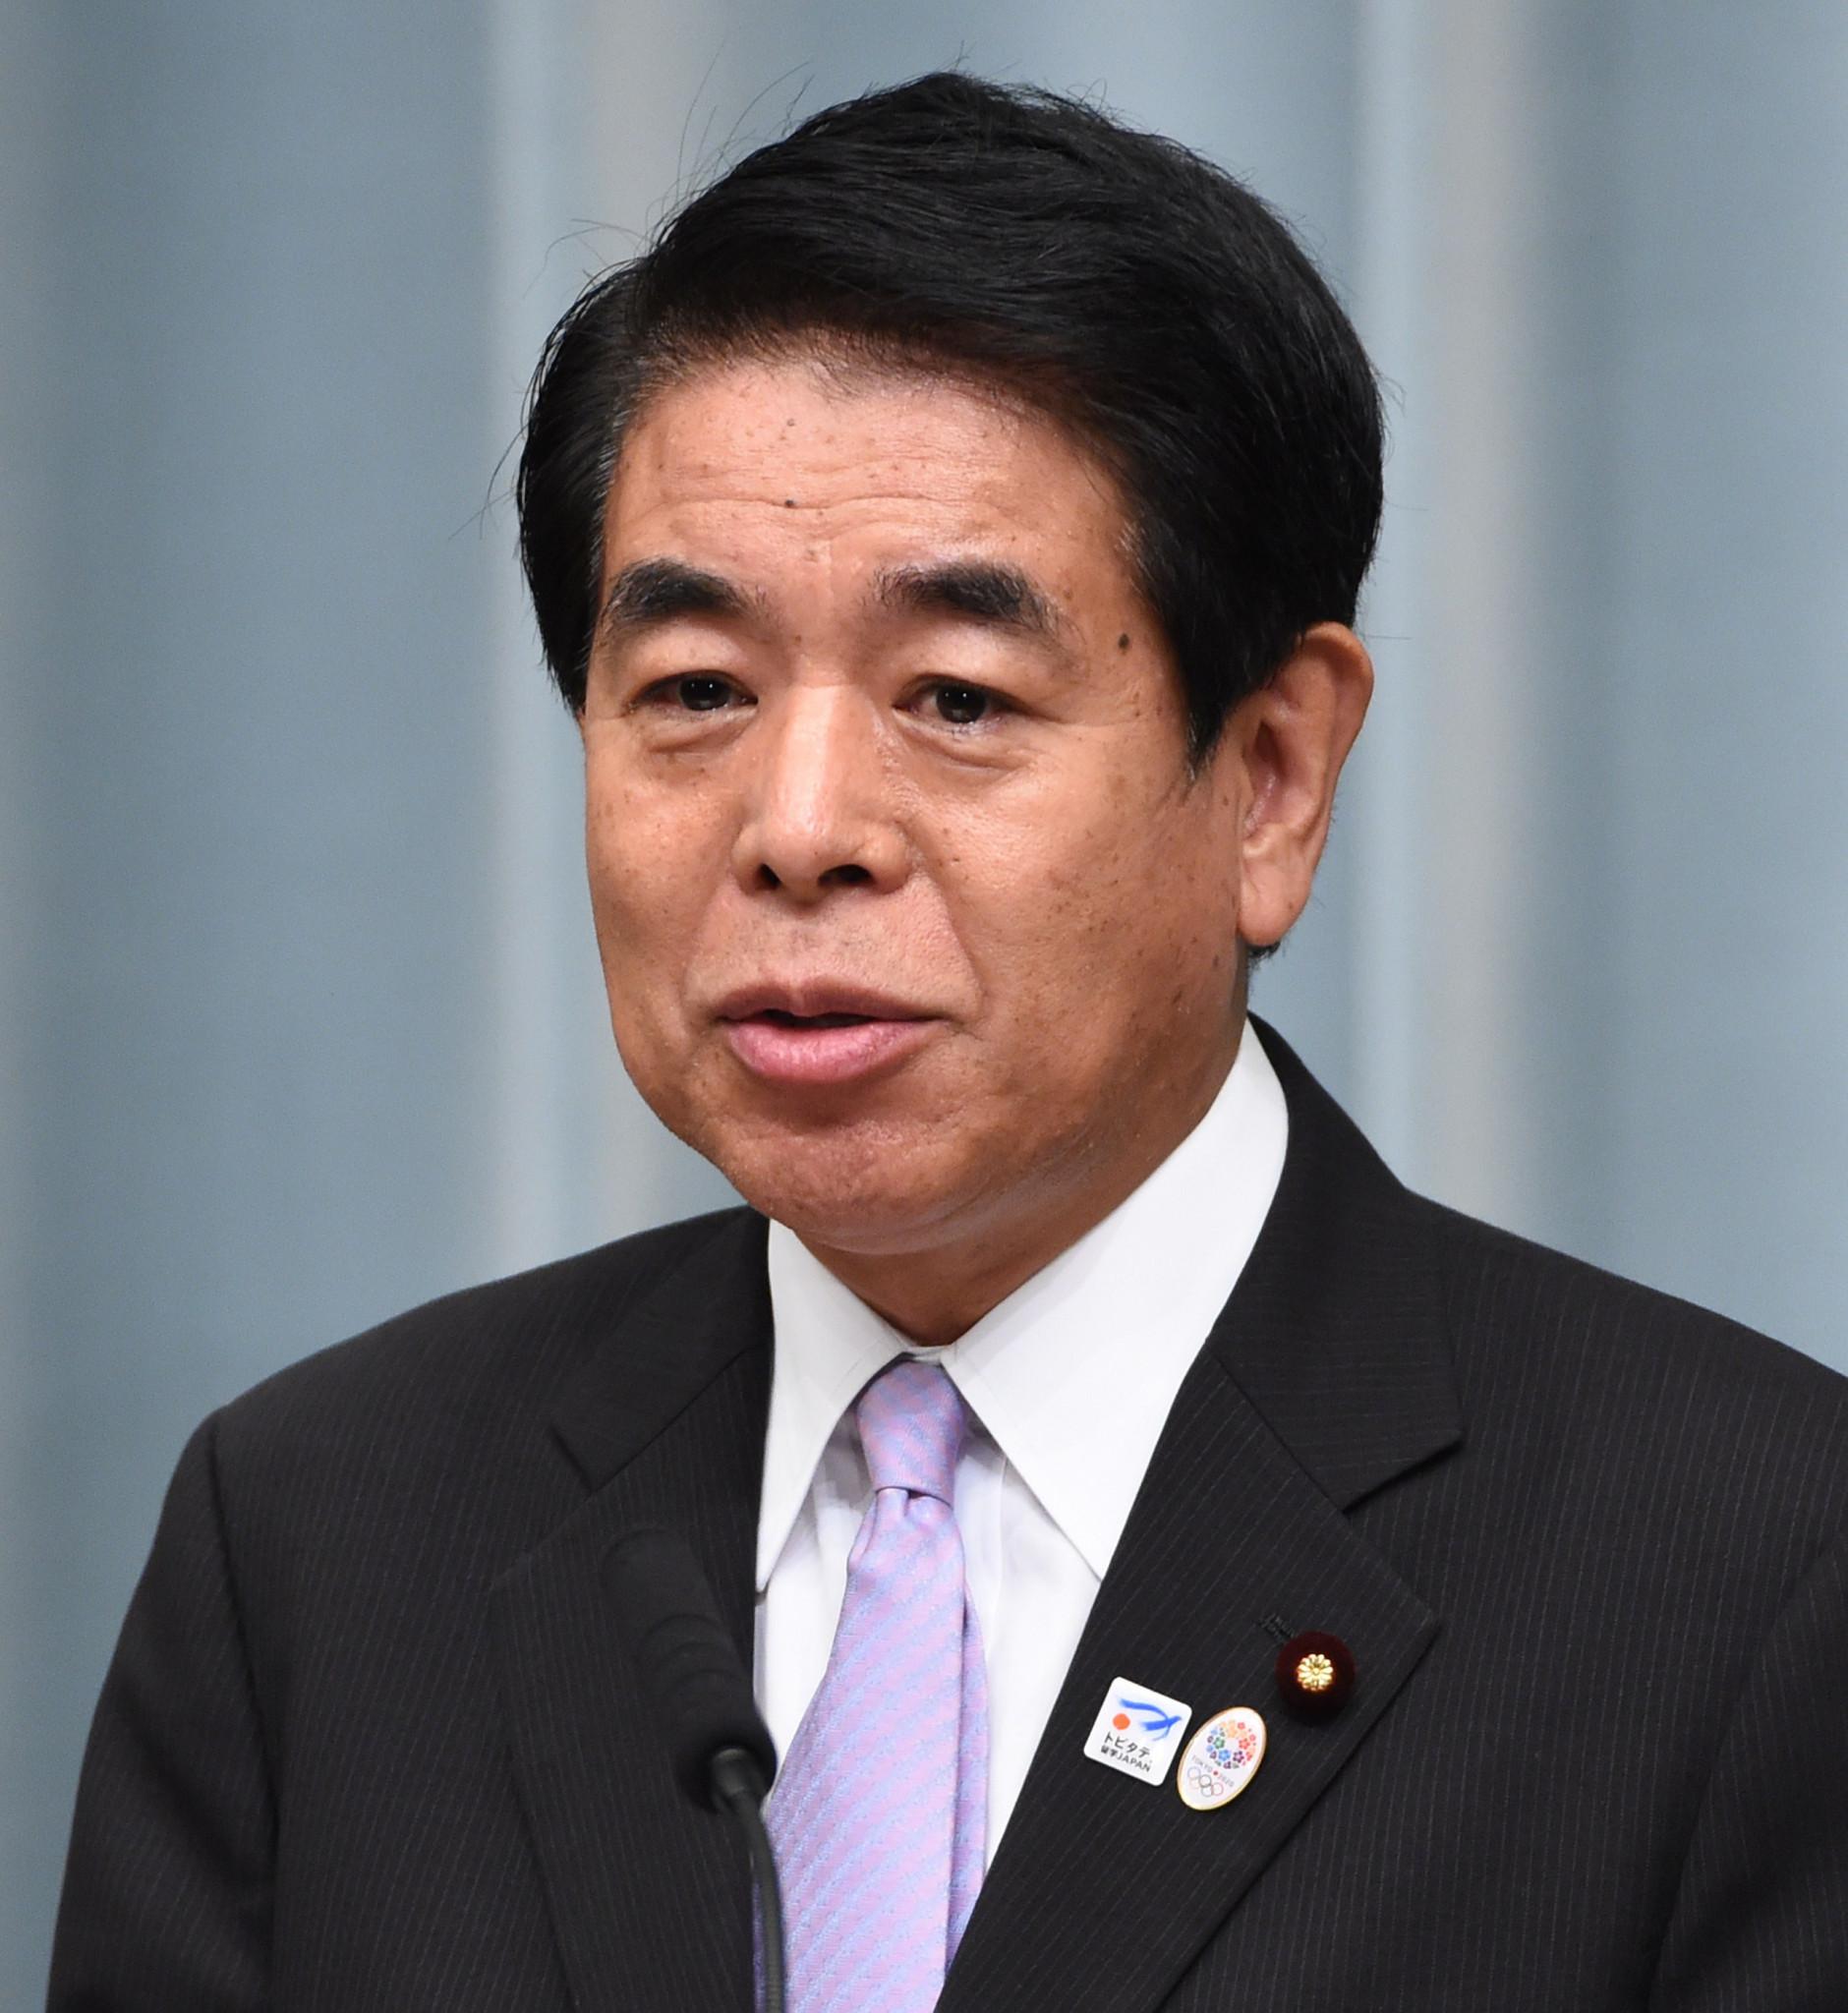 Alto político japonés pide una decisión sobre espectadores de Tokio 2020 antes de visita de Bach